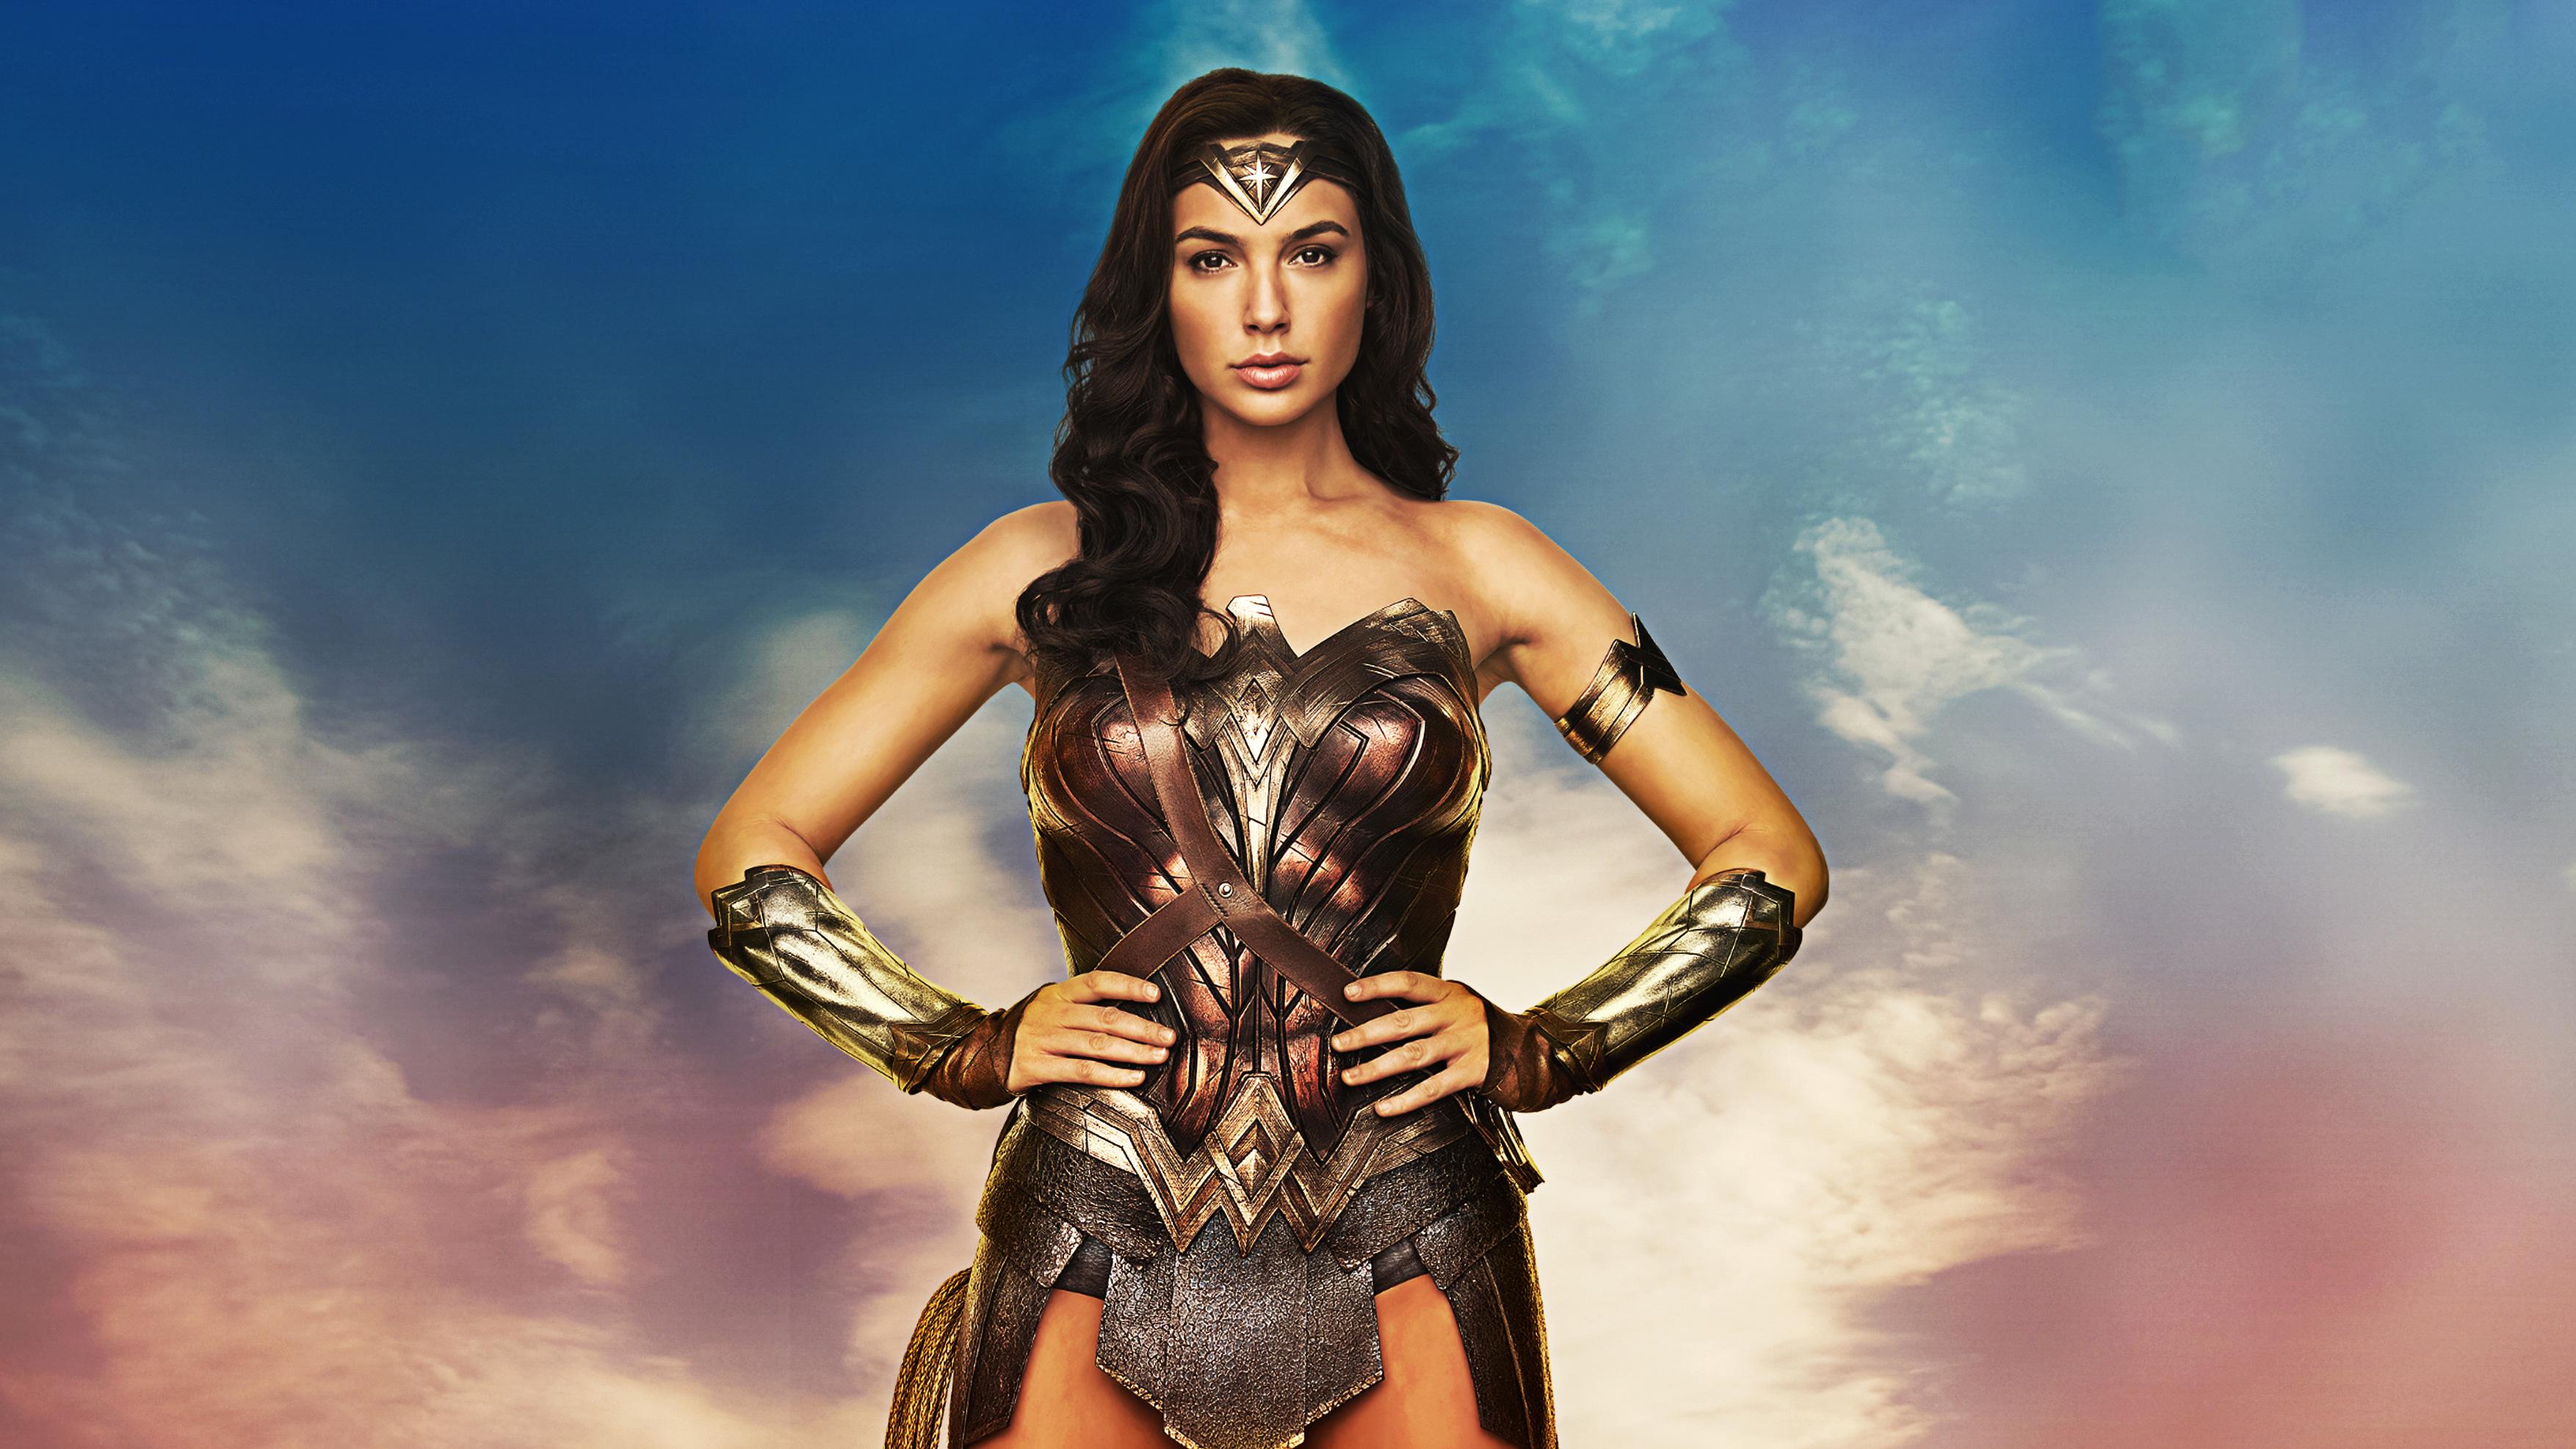 Wonder Woman Movie Uhd 4k Wallpaper: 1366x768 Wonder Woman 4k 2018 1366x768 Resolution HD 4k